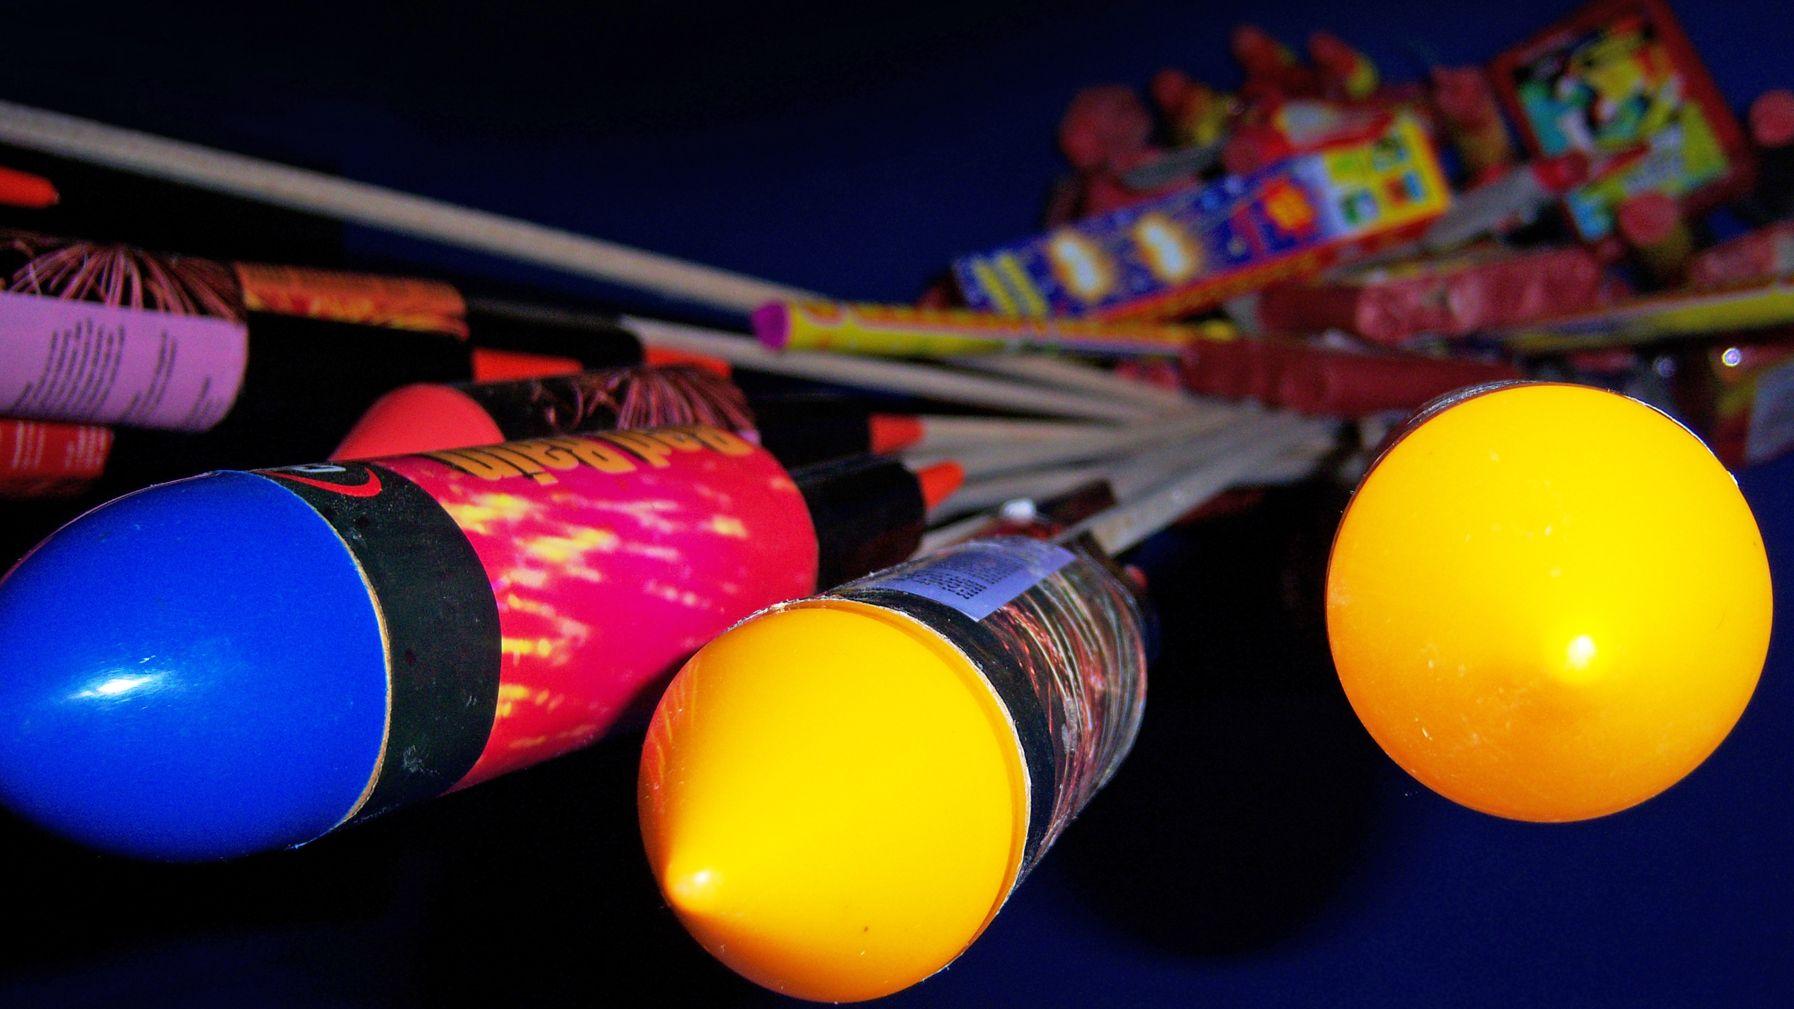 Feuerwerkskörper in Blau und Gelb.